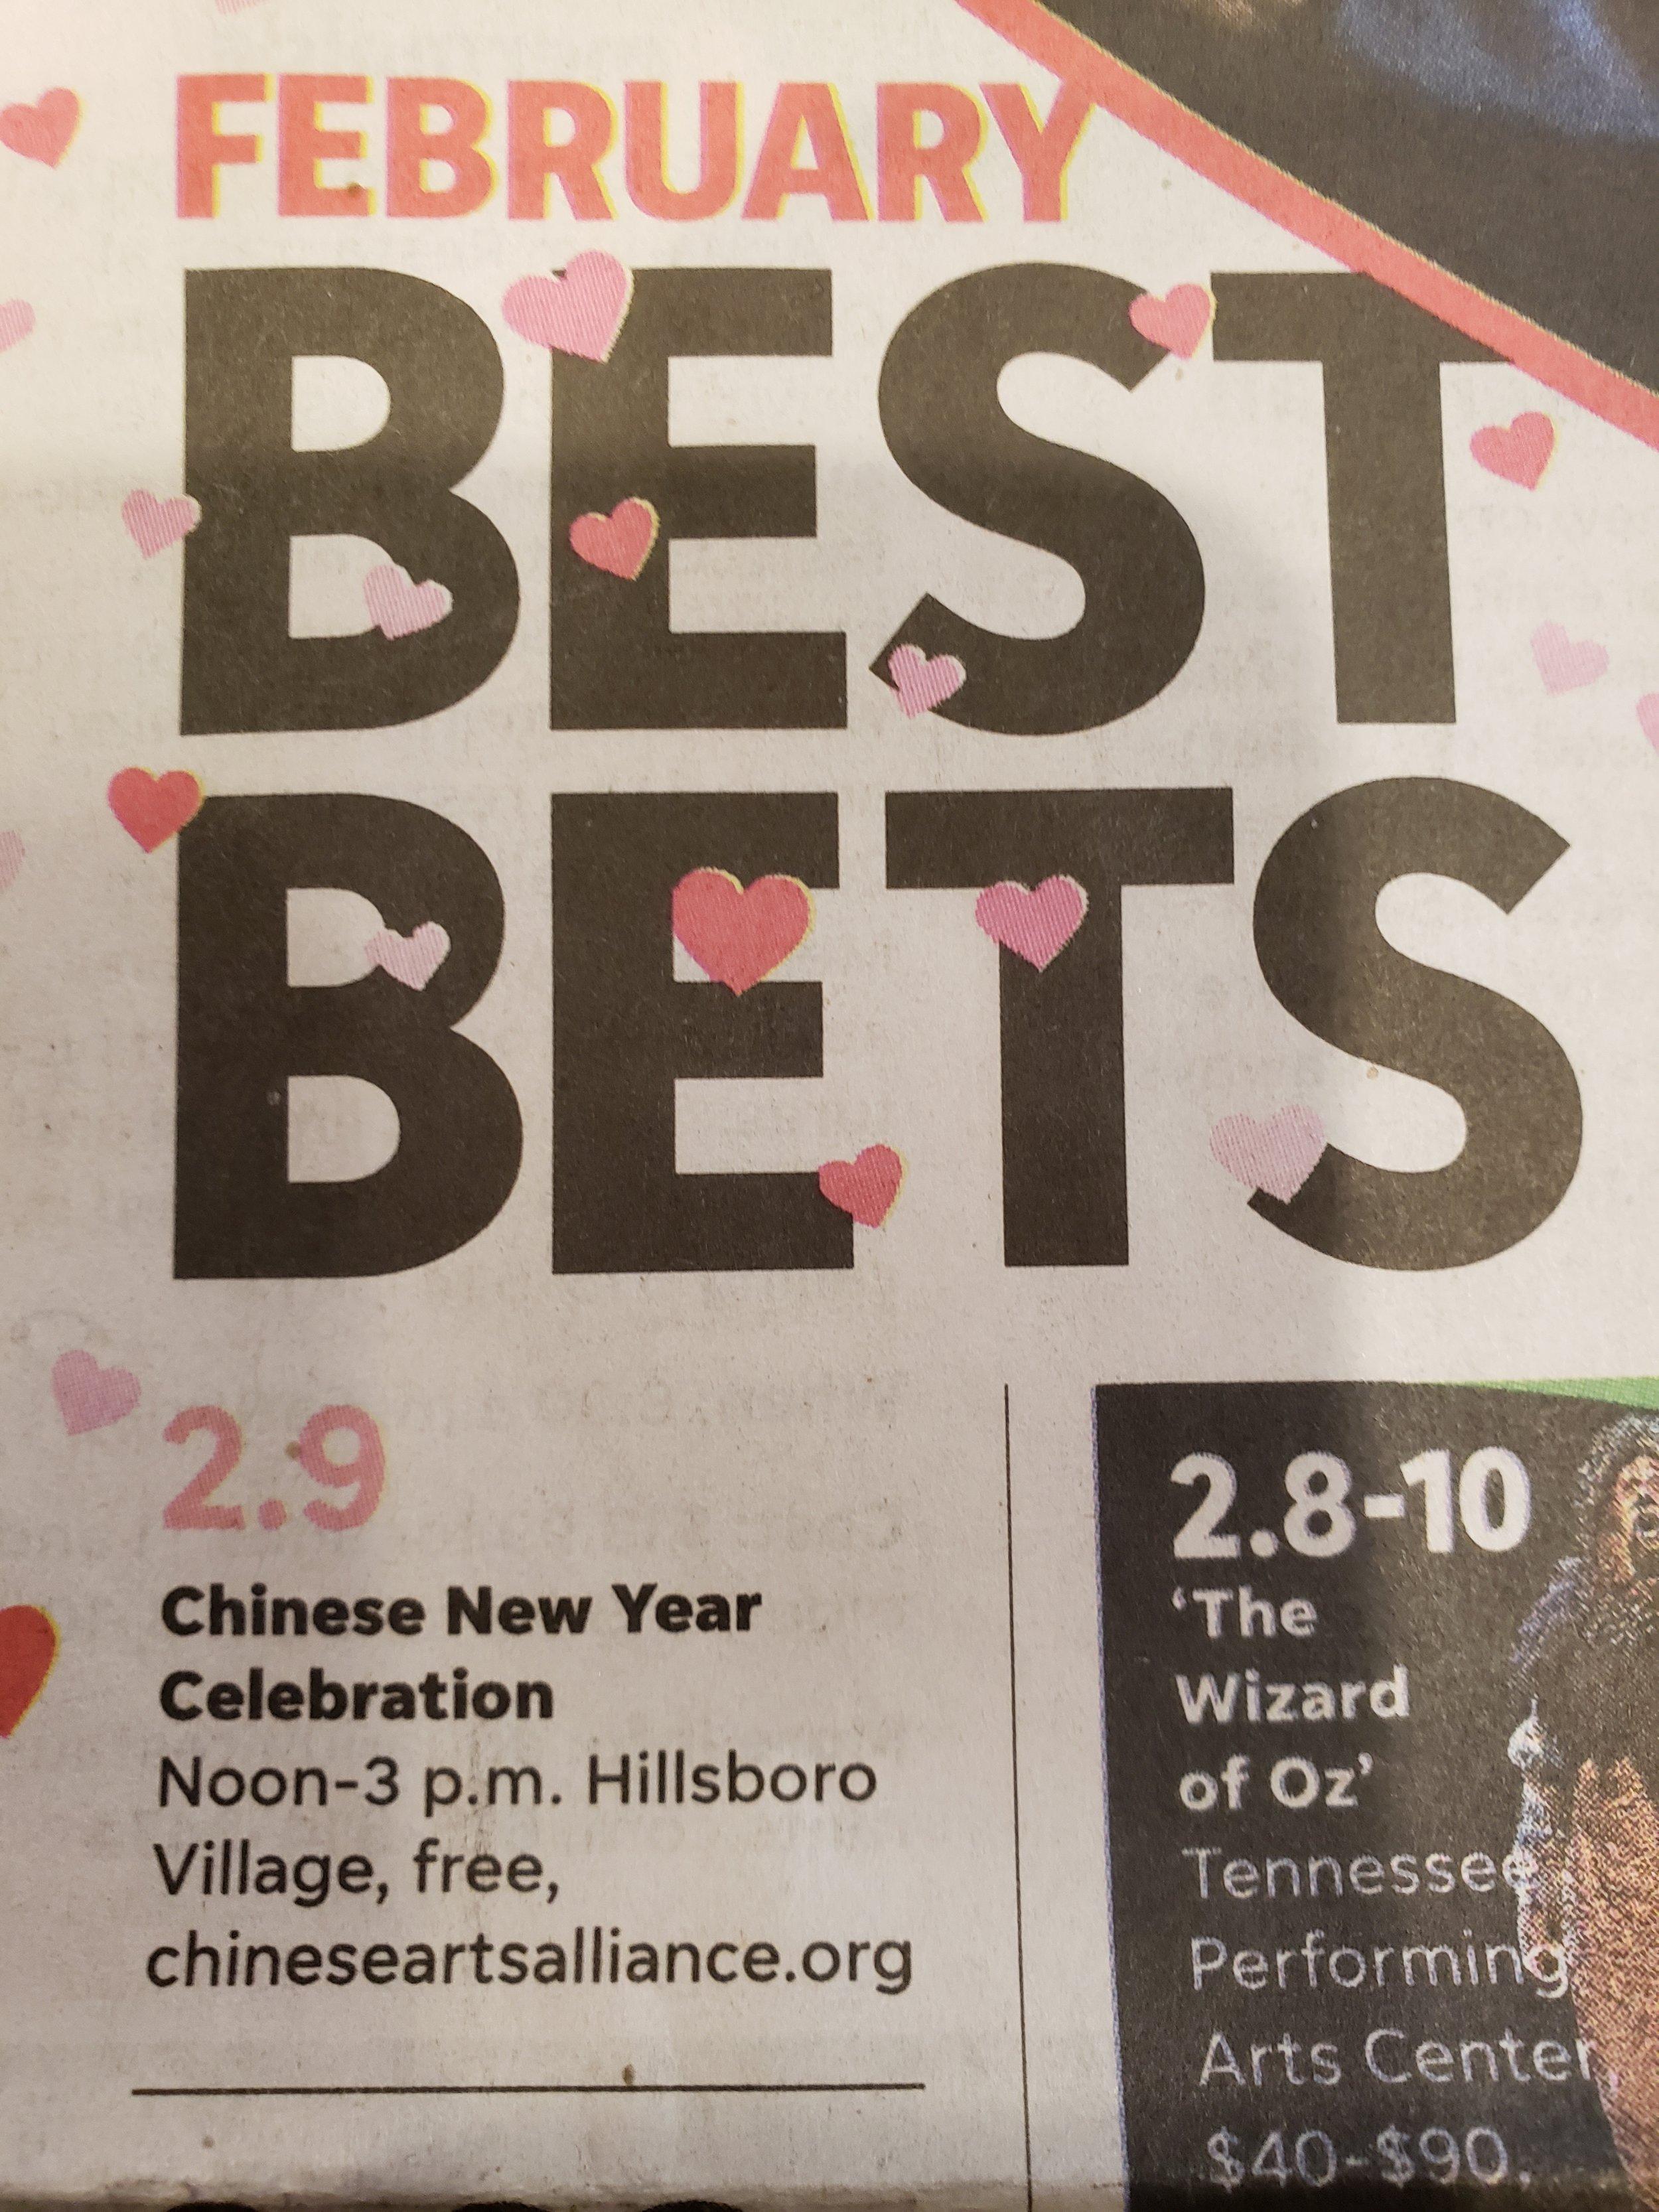 CNY @ Village-BEST BET- Tennessean 2-1-19.jpg